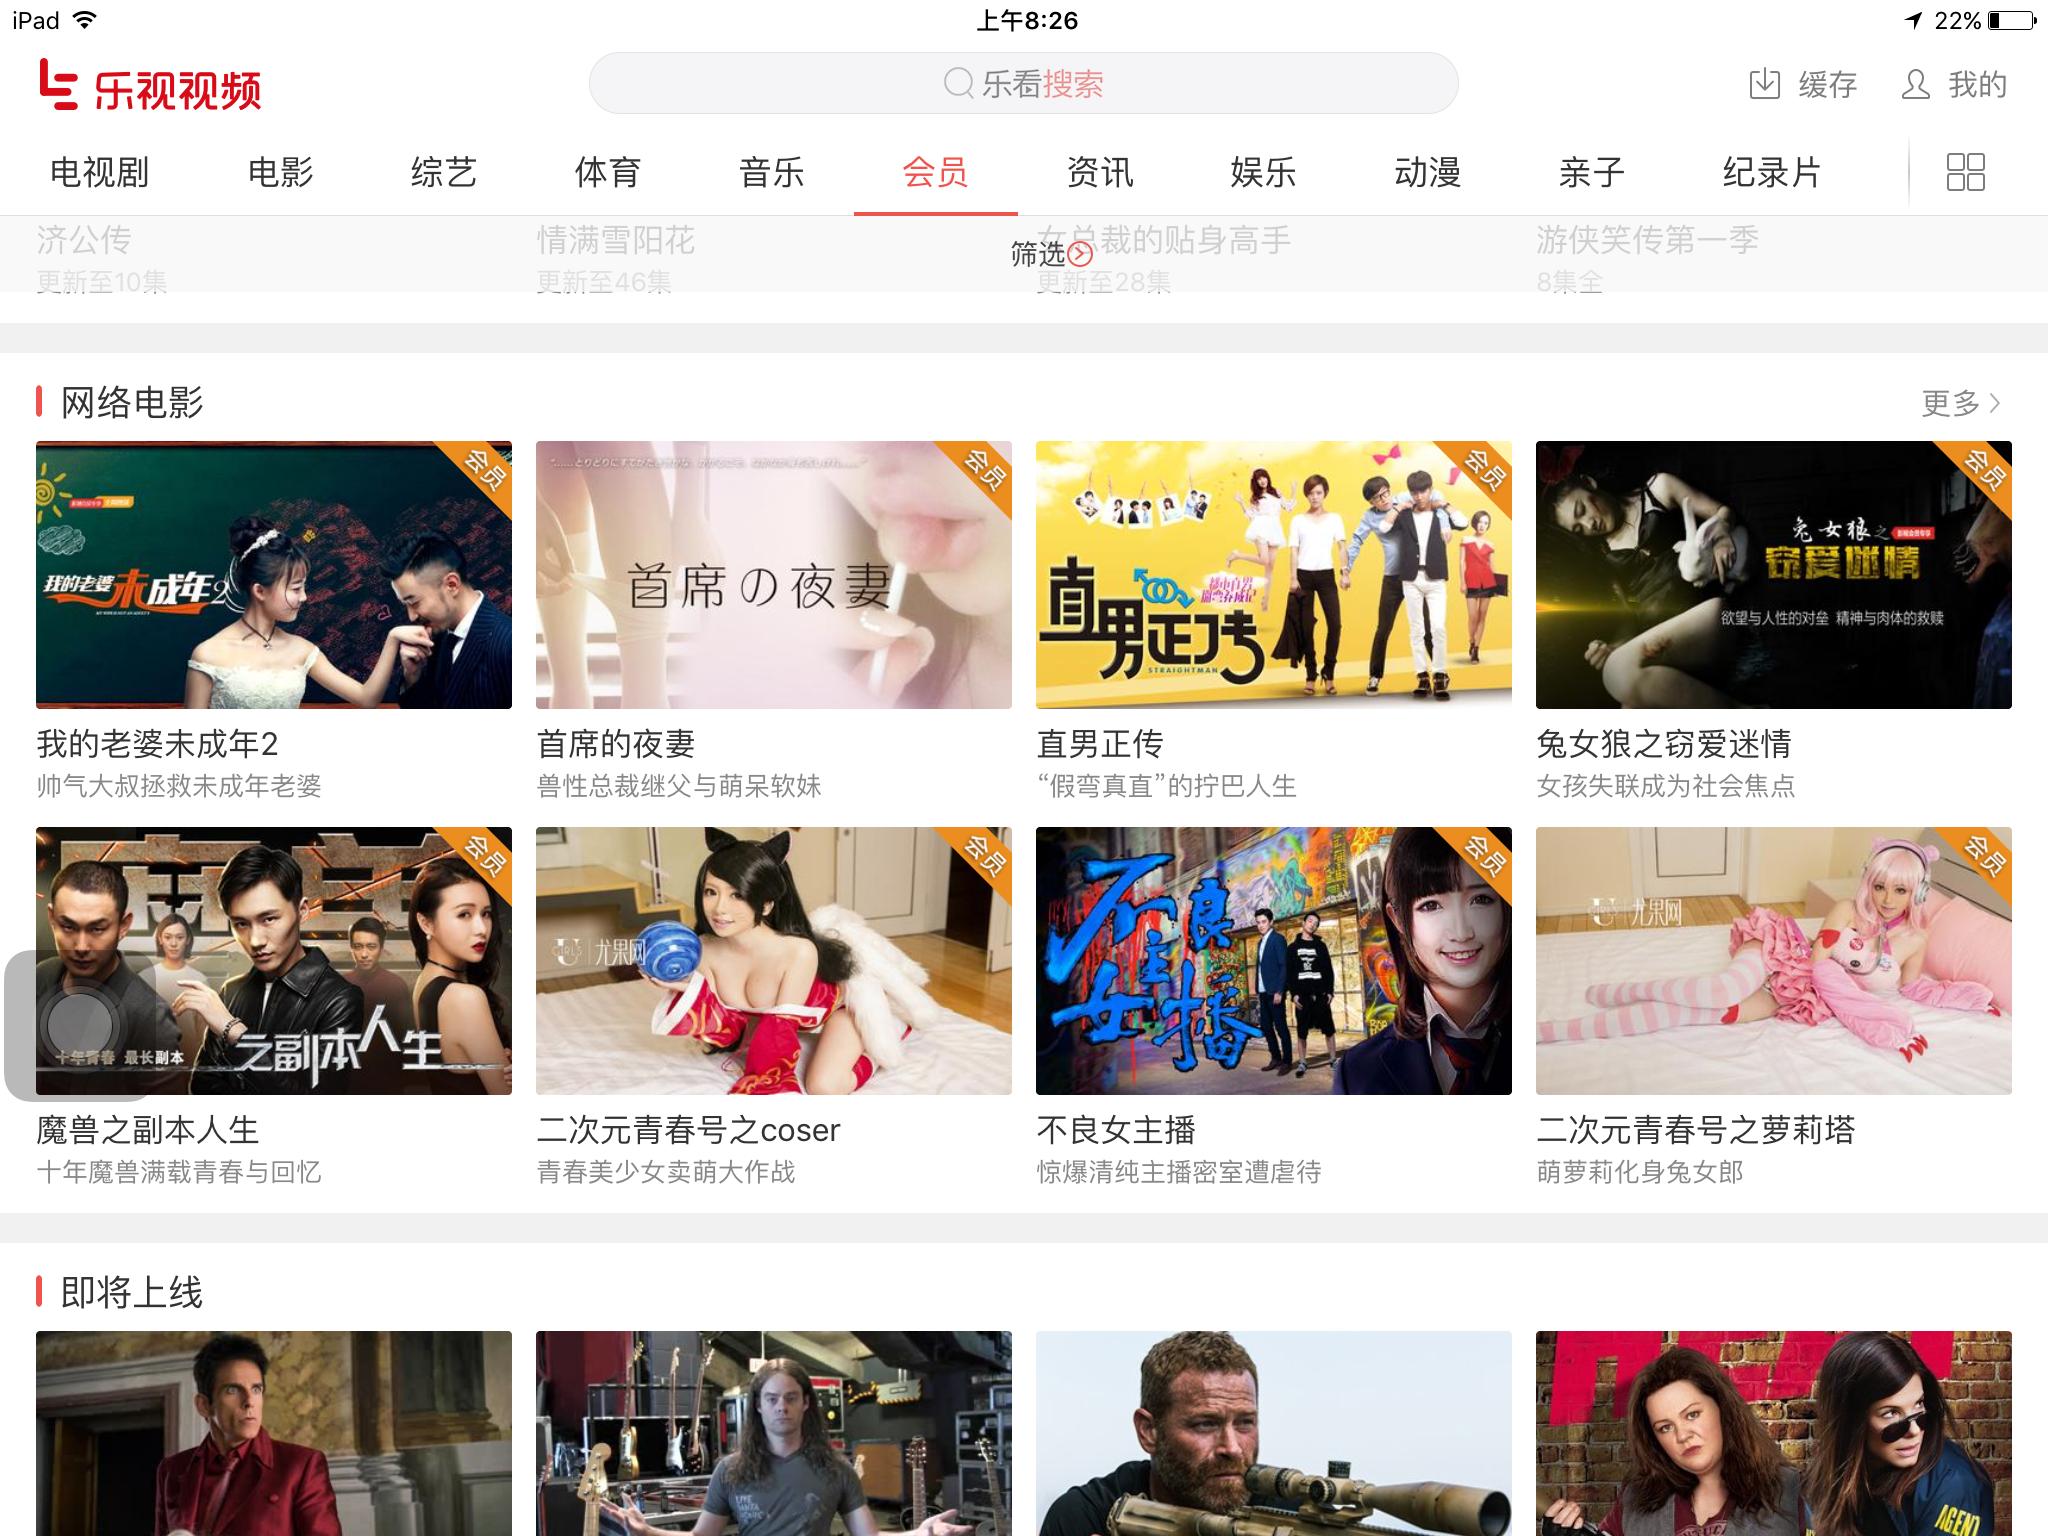 乐视pad端 会员频道网络电影推荐